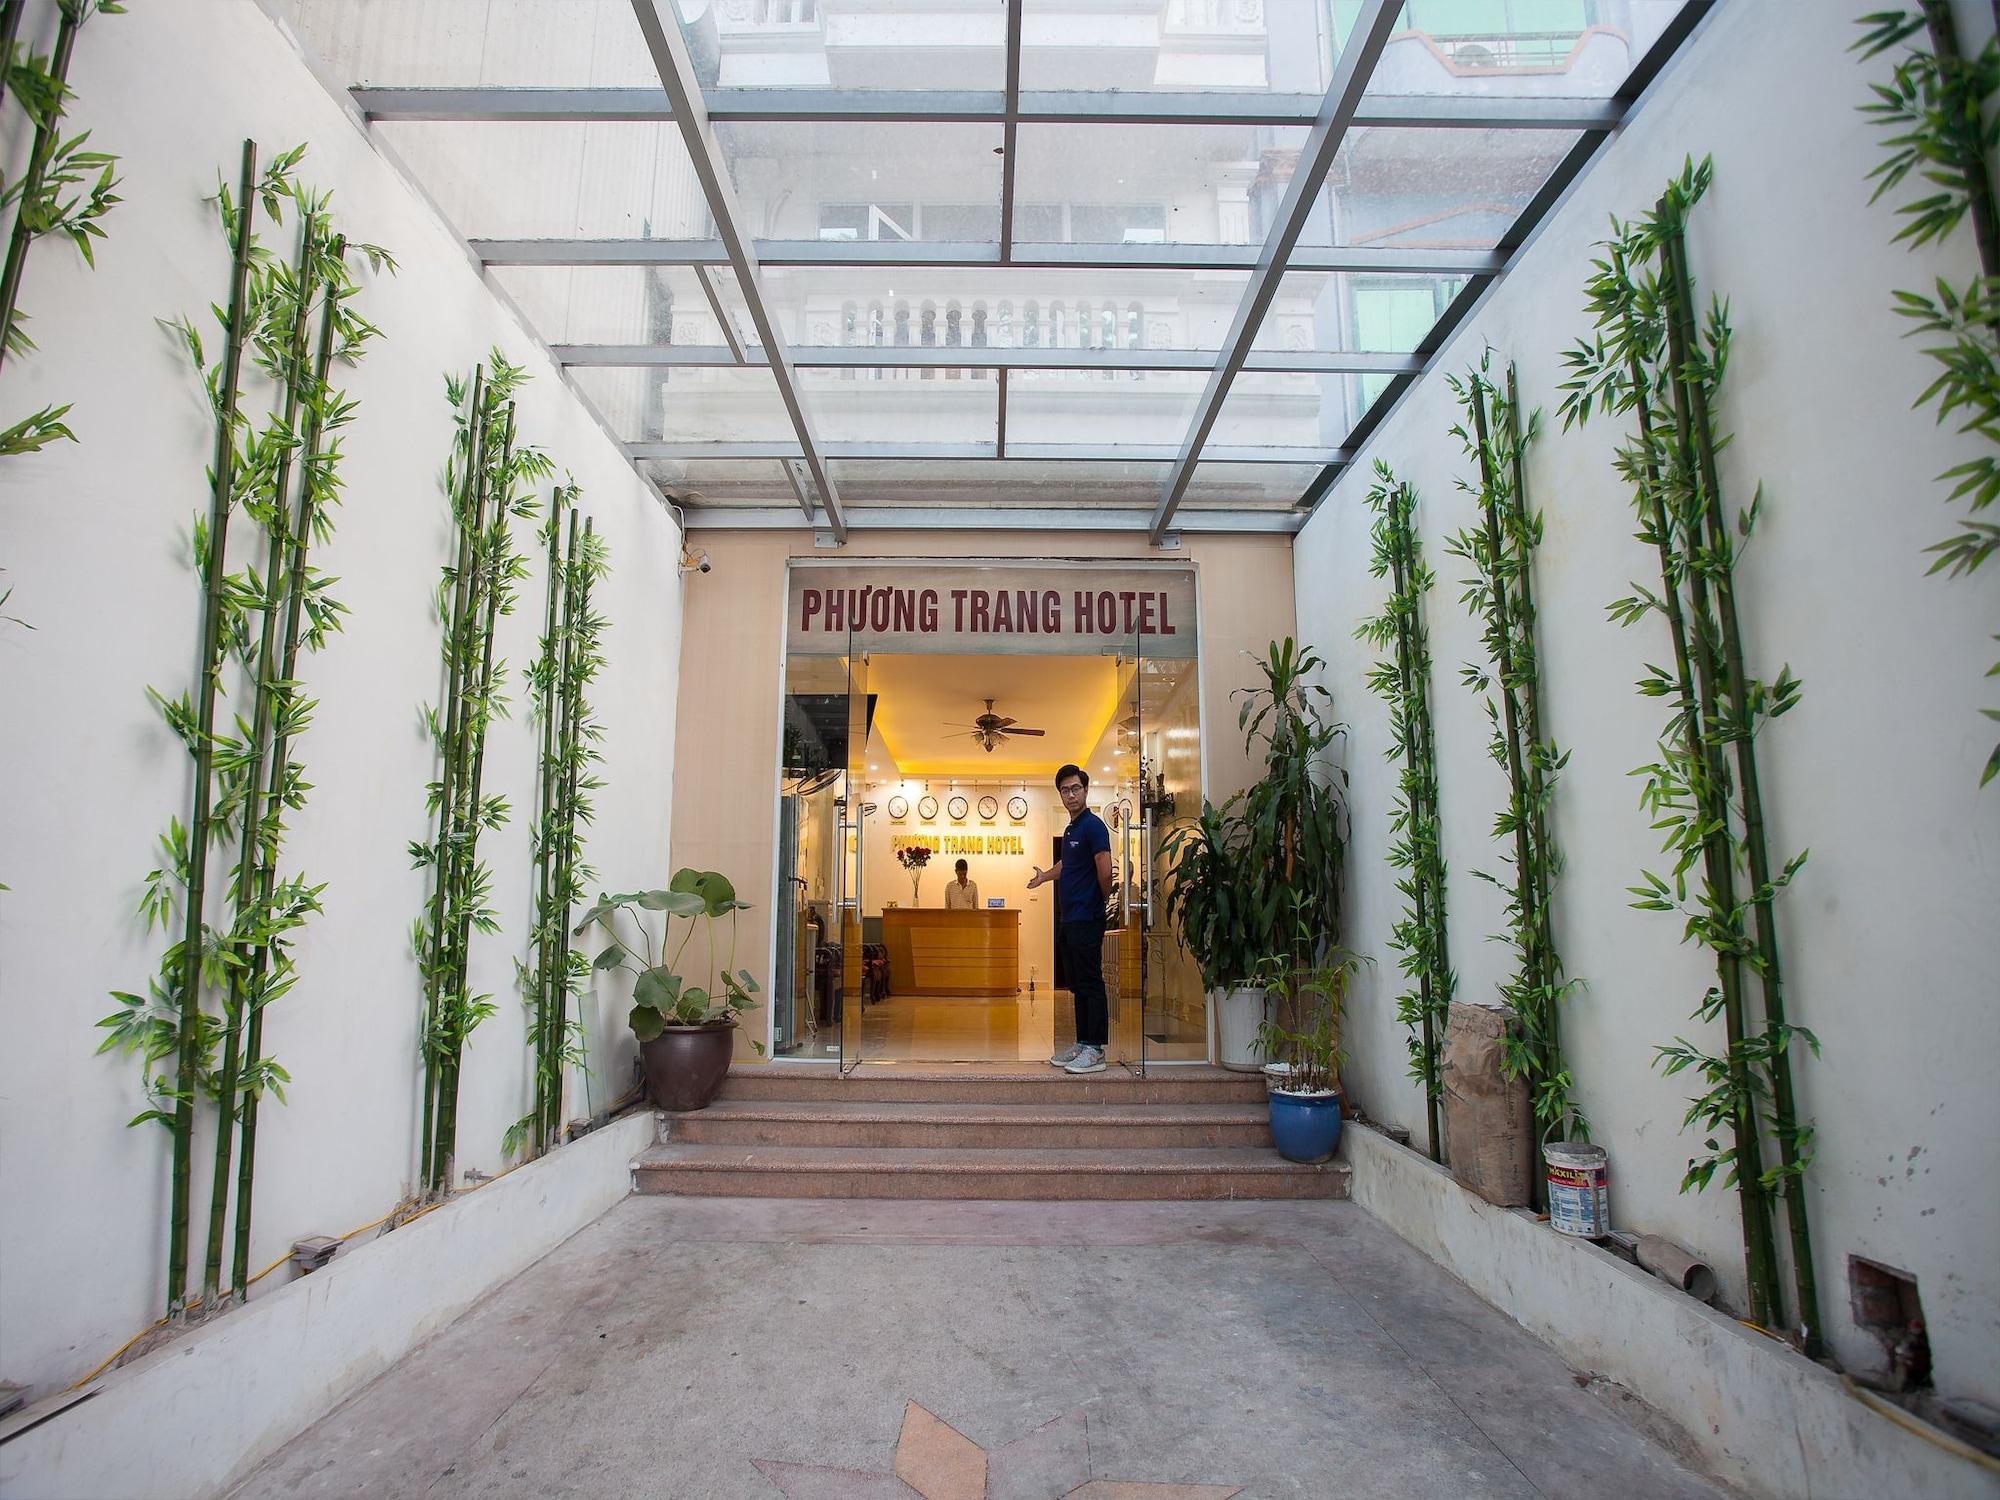 Phuong Trang Hotel Hanoi, Long Biên